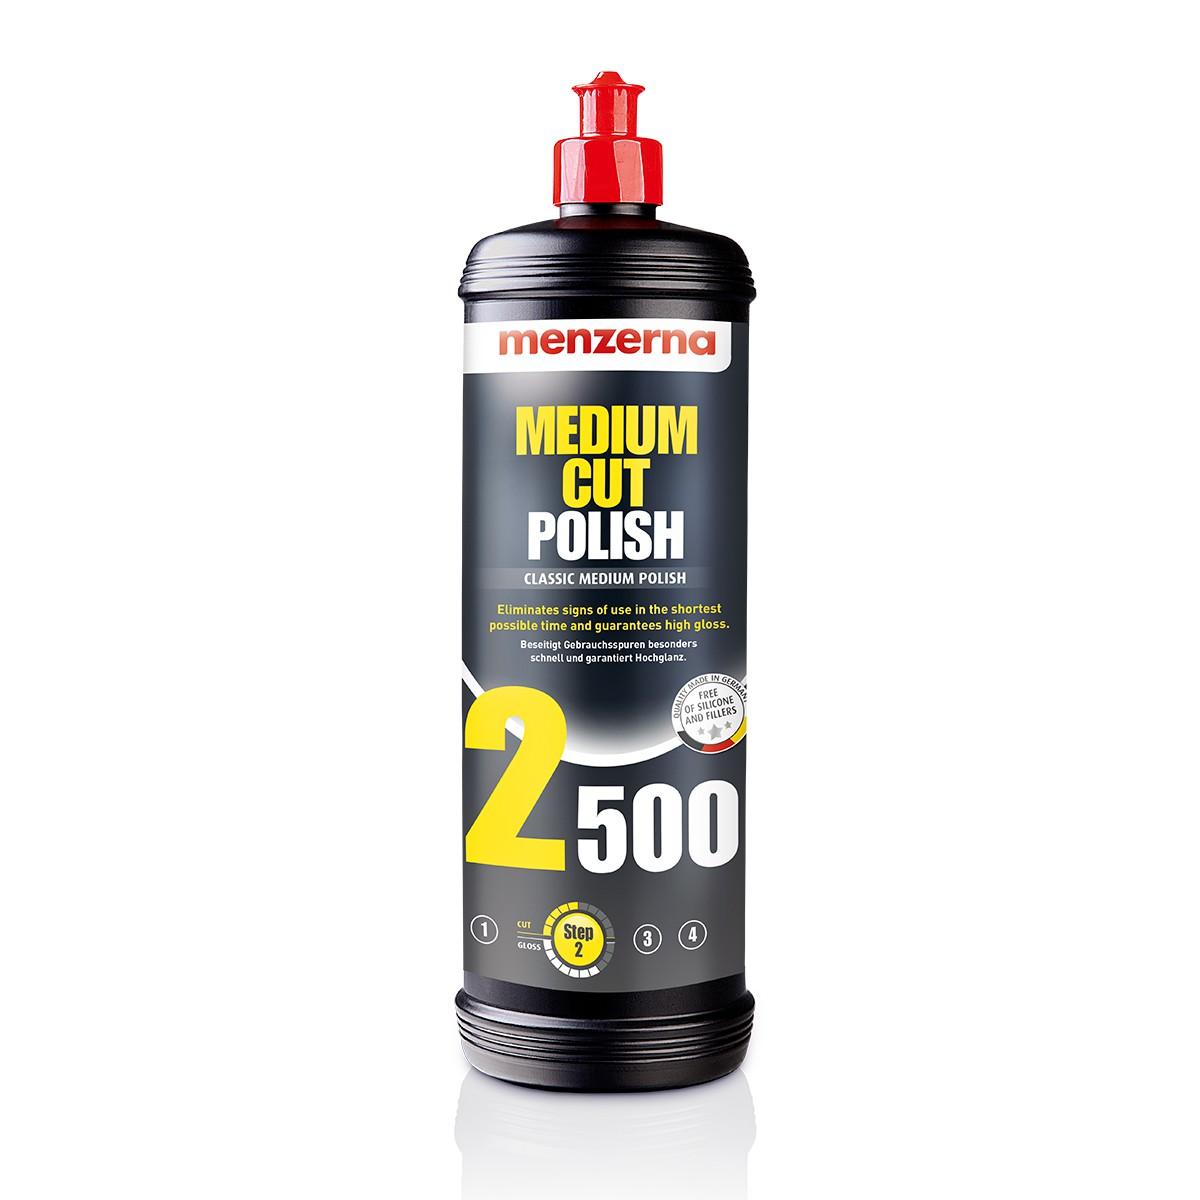 Medium Cut Polish 2500 1L - Menzerna